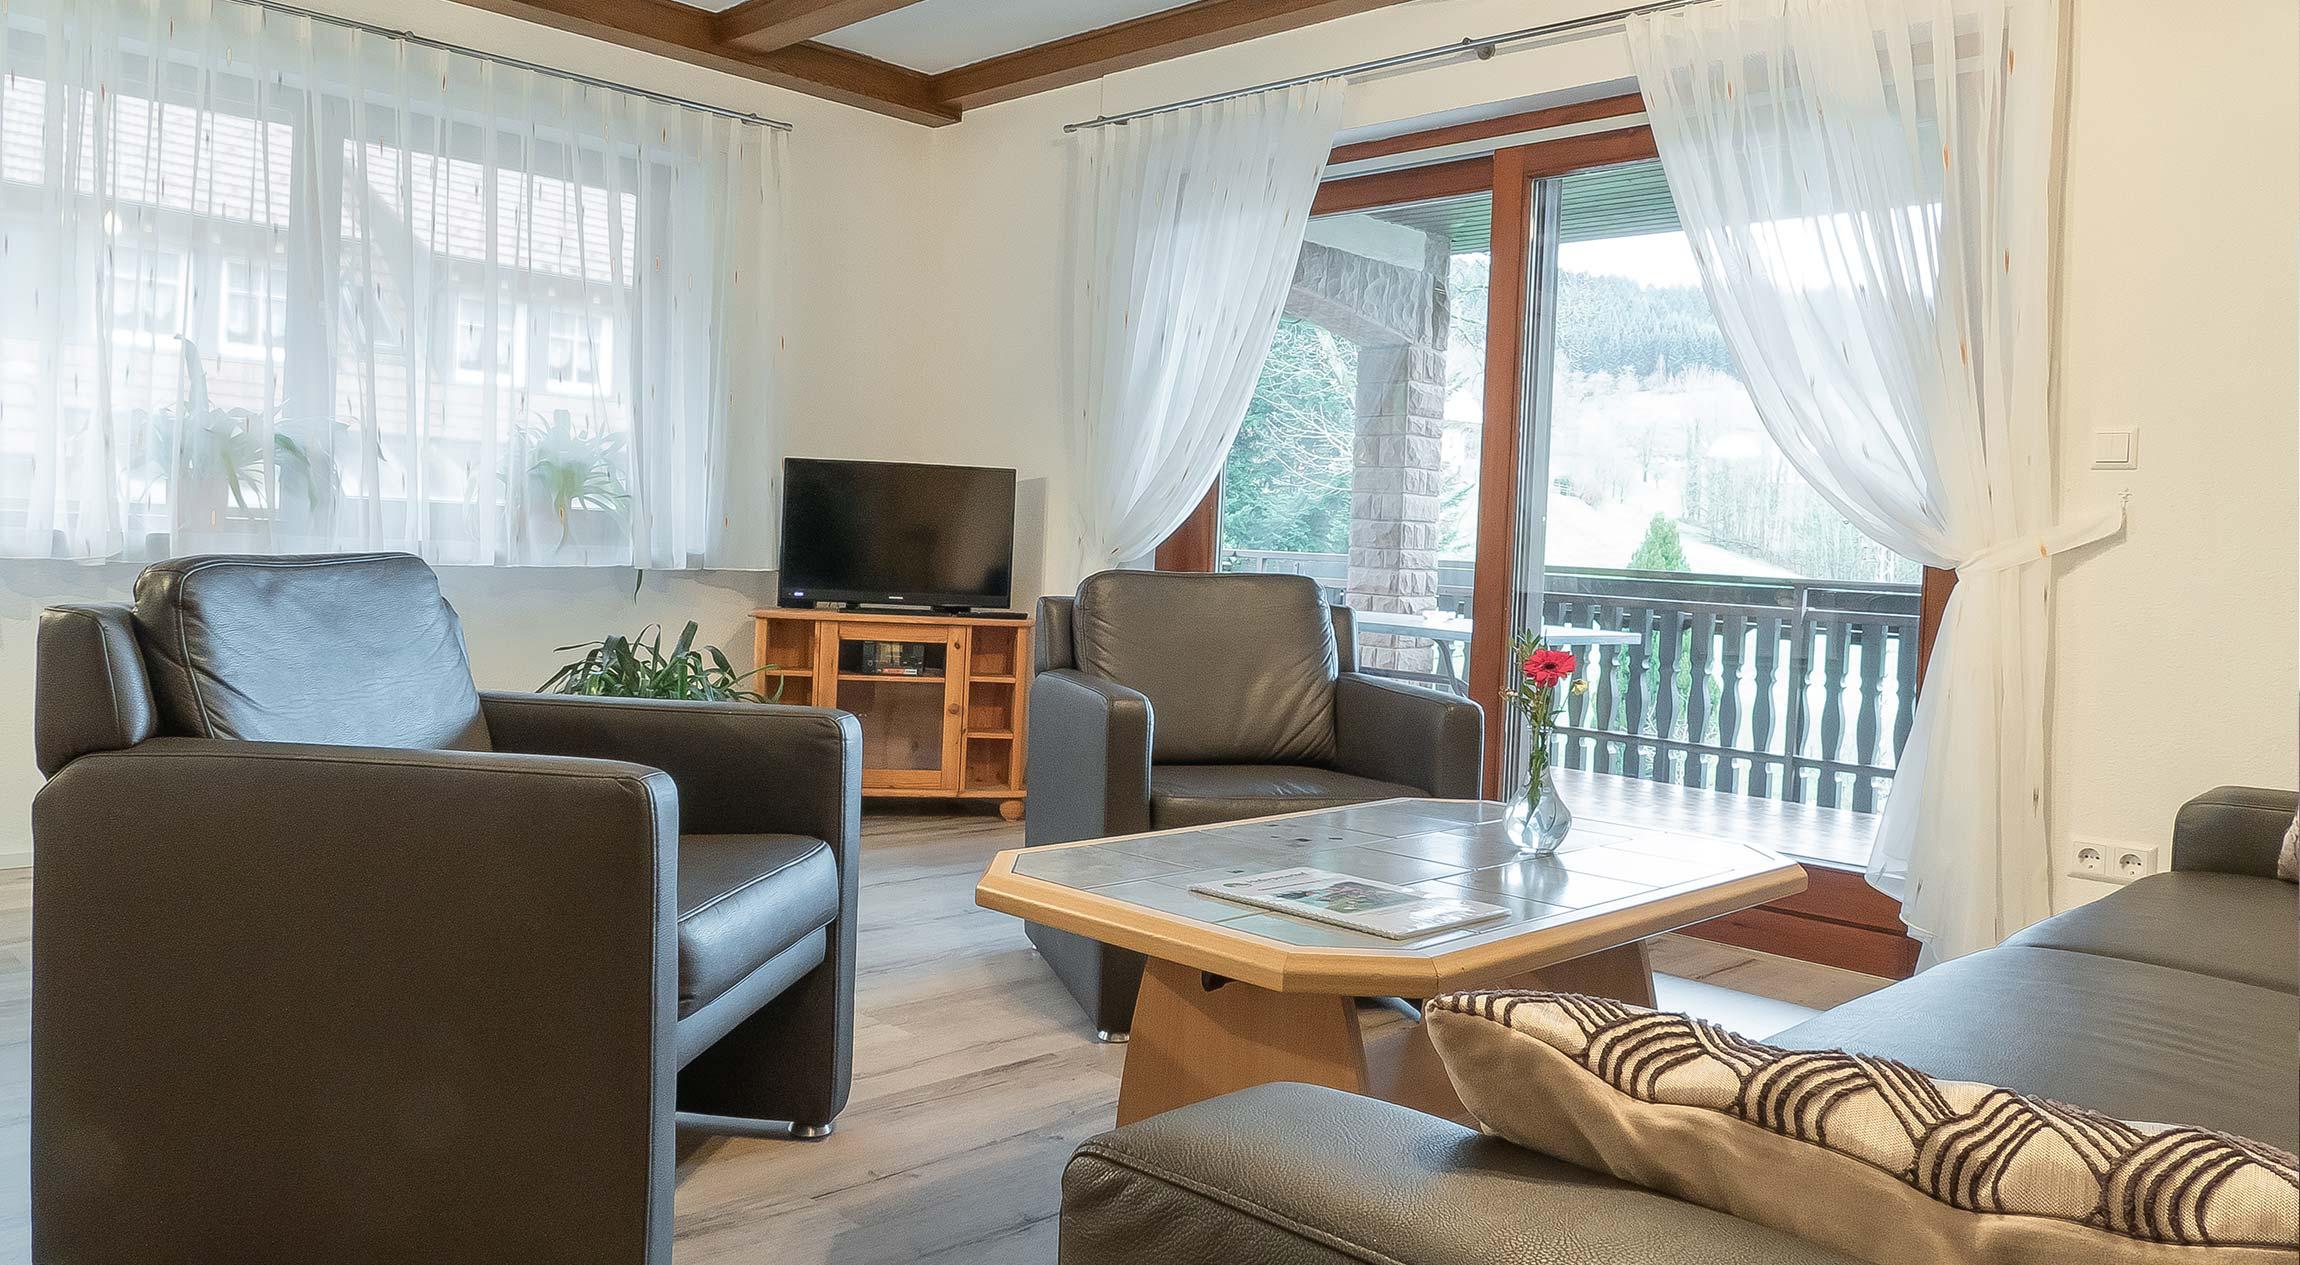 Leibgedinghaus 1. OG - Wohnzimmer